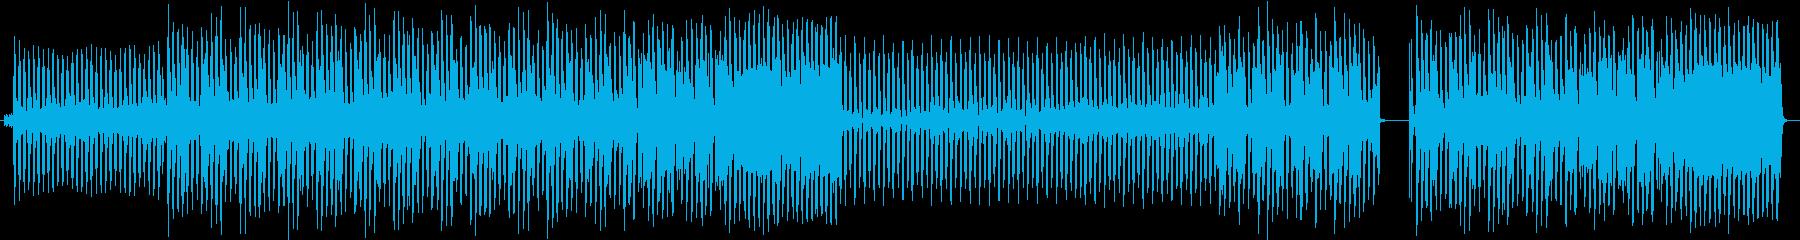 明るくて少しパーティー感のある曲の再生済みの波形